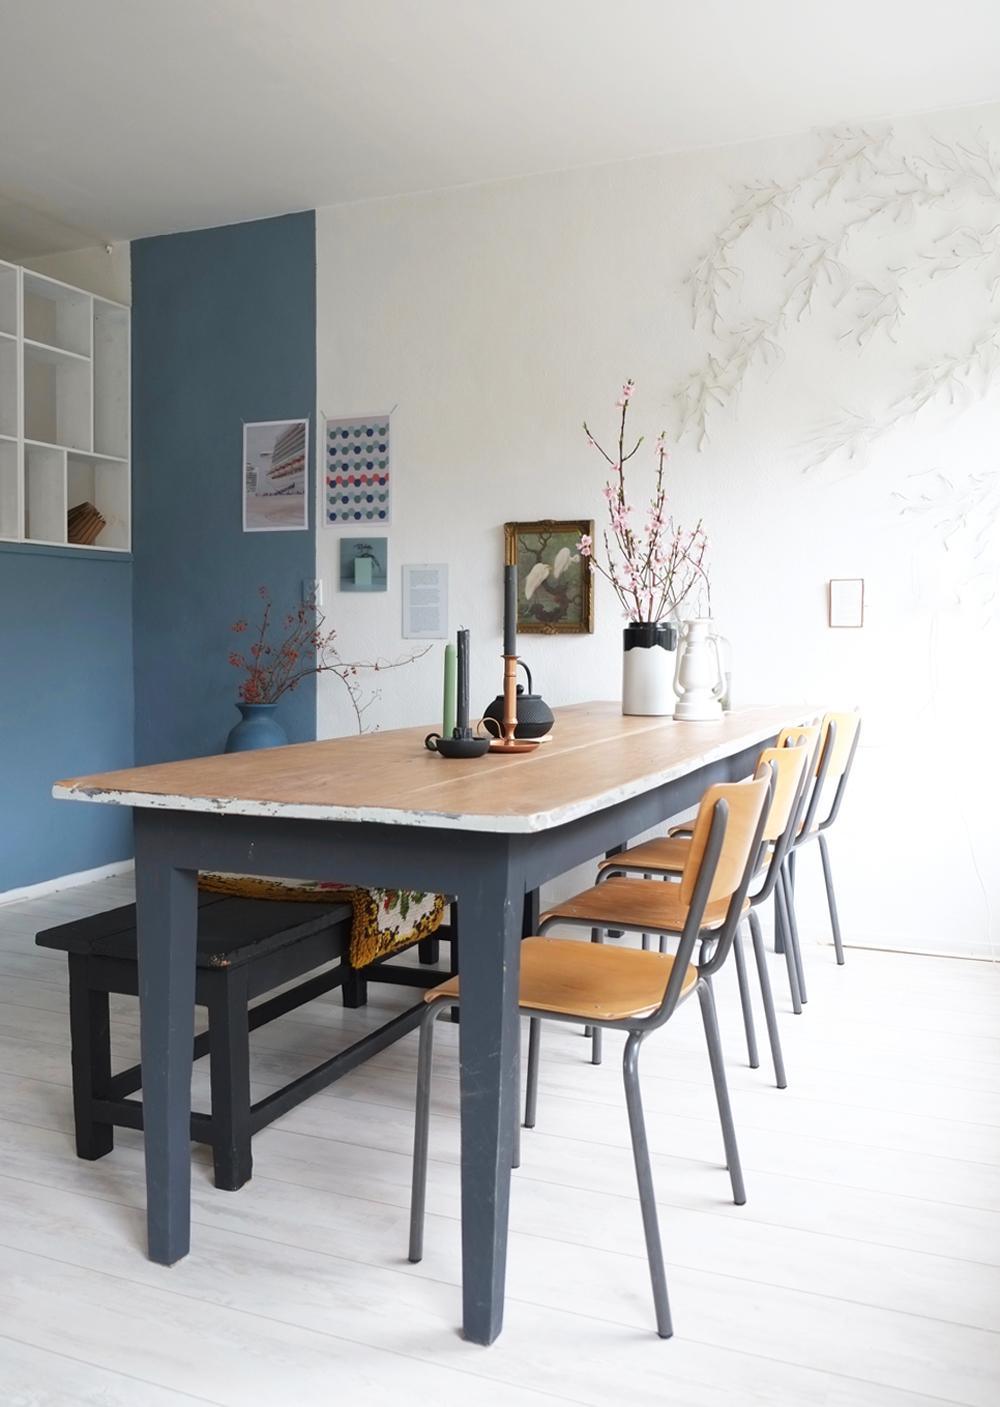 Eetkamer-tafel-eetkamerstoelen-stoelen-interieuradvies-interieurontwerp.8